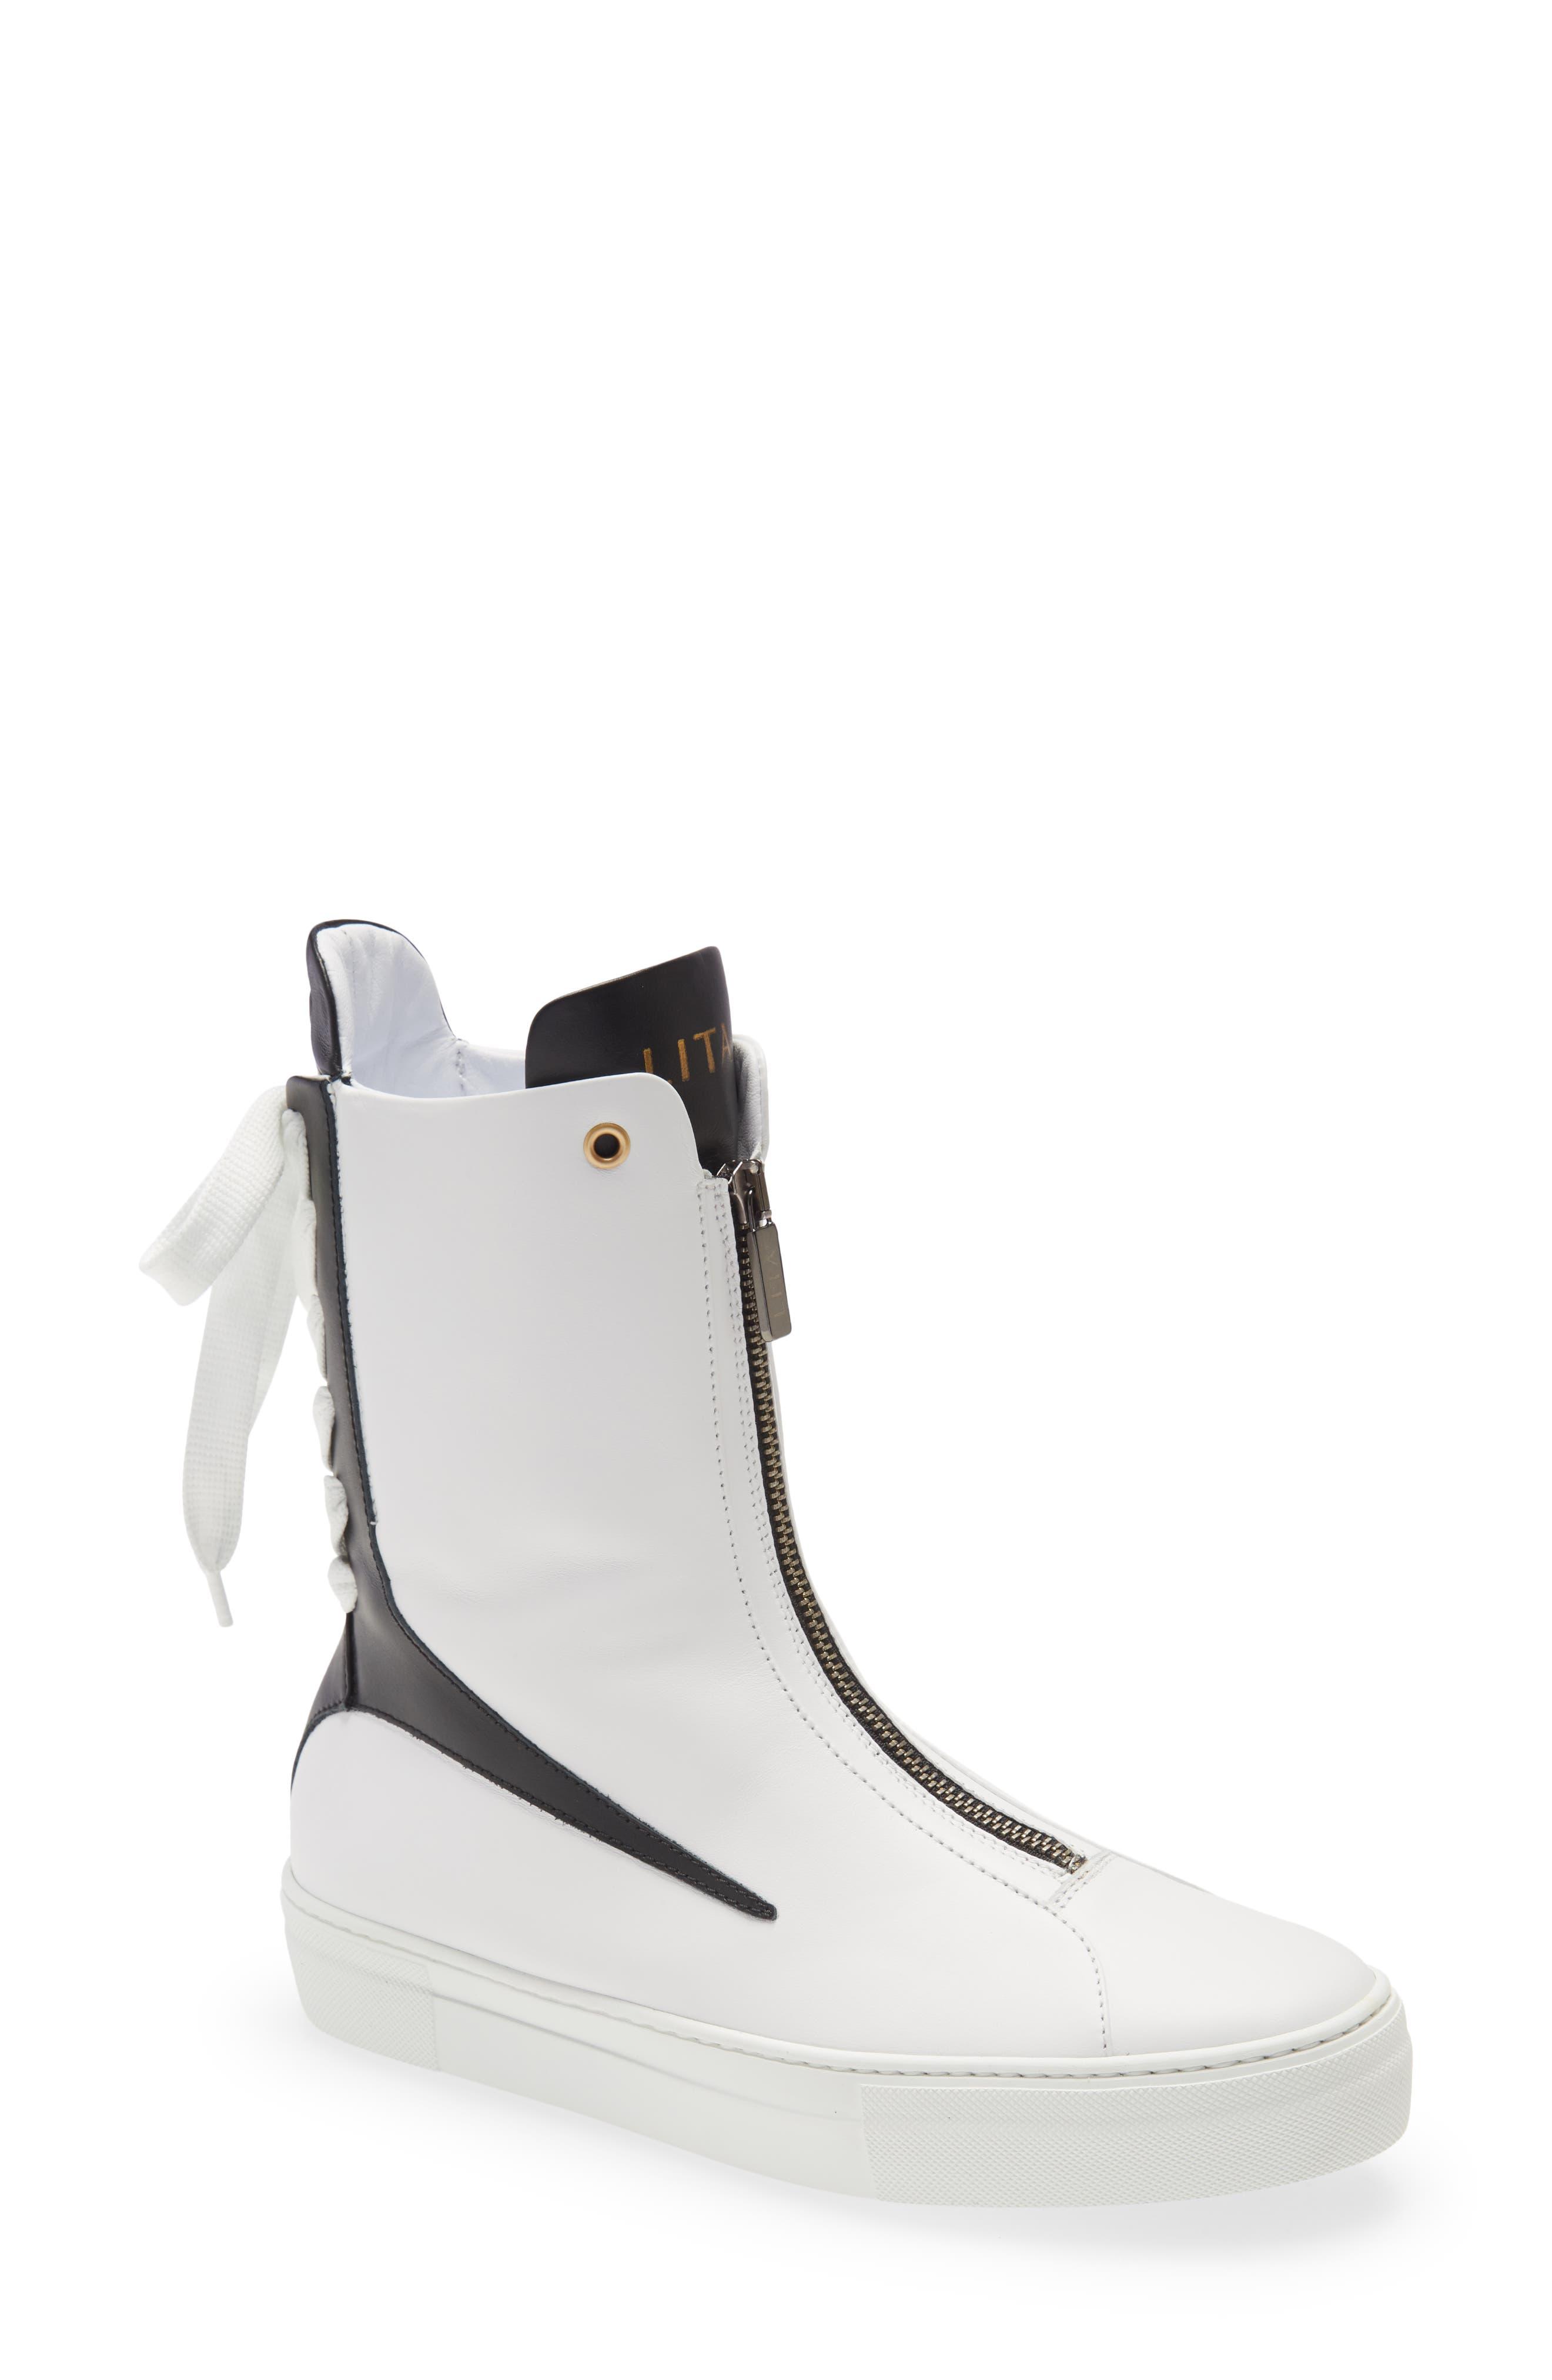 Fang Commando High Top Sneaker